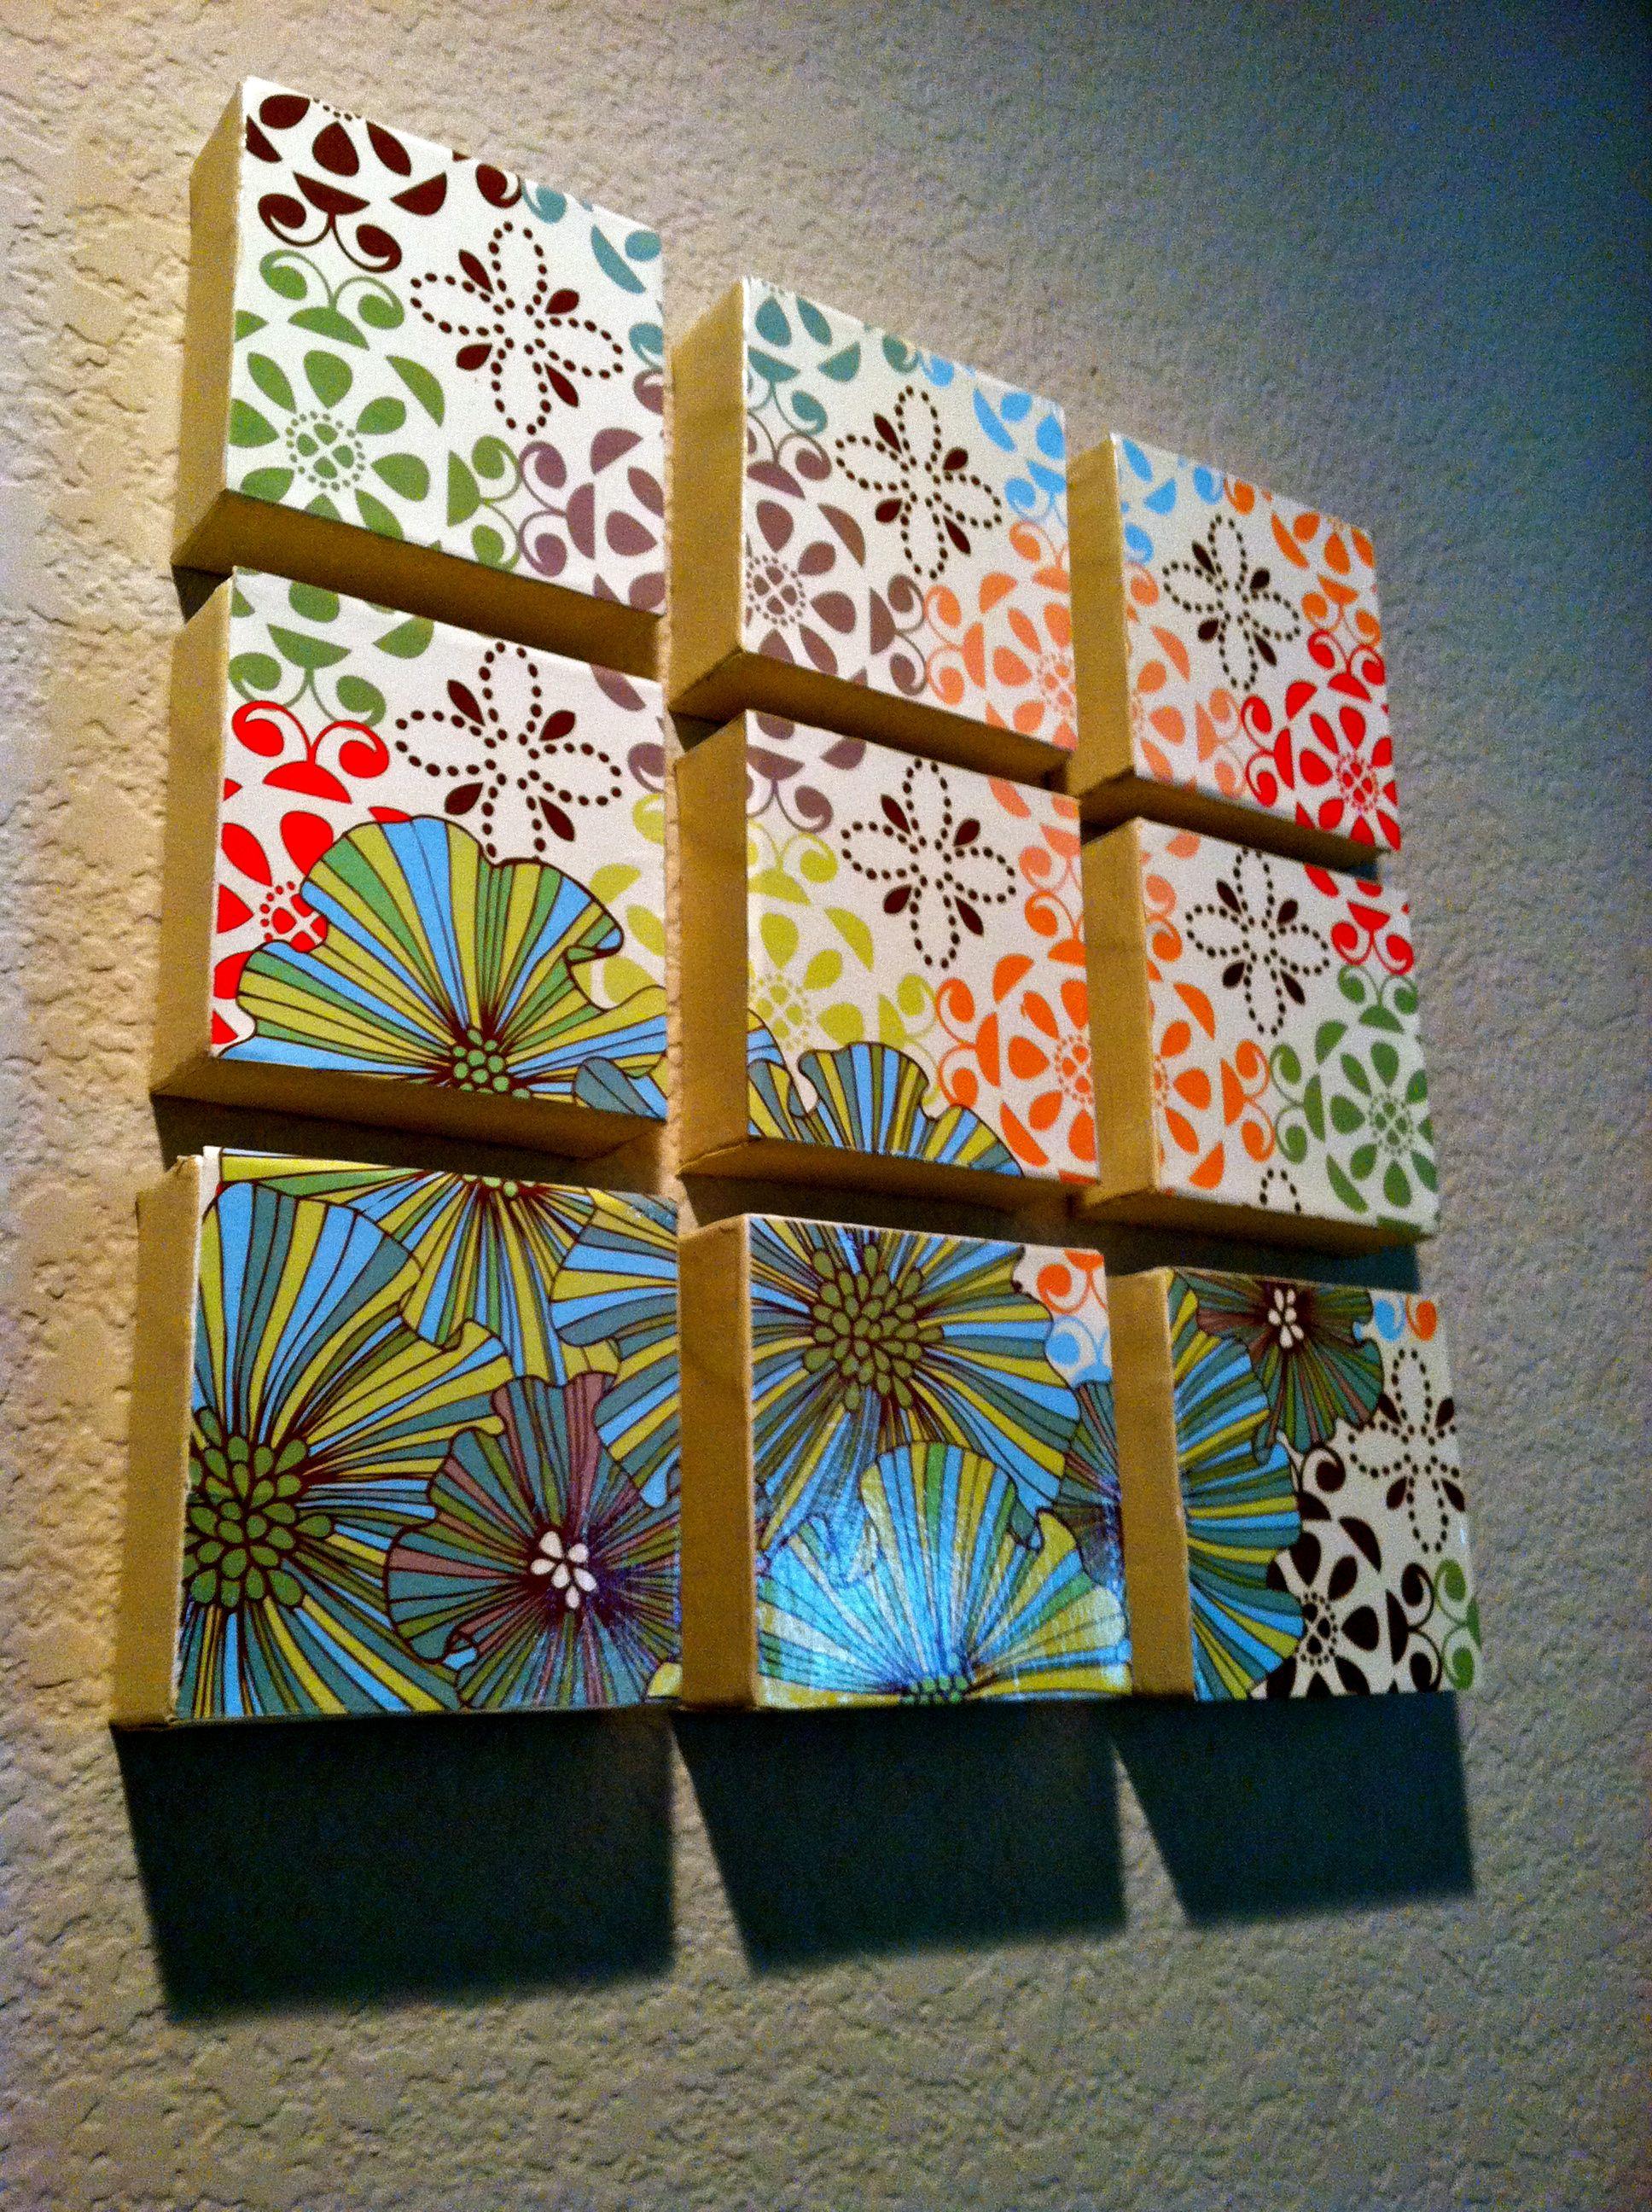 DIY Home Decor! 1.Choose 12x12 scrapbook paper. 2. Cut into 4x4 ...